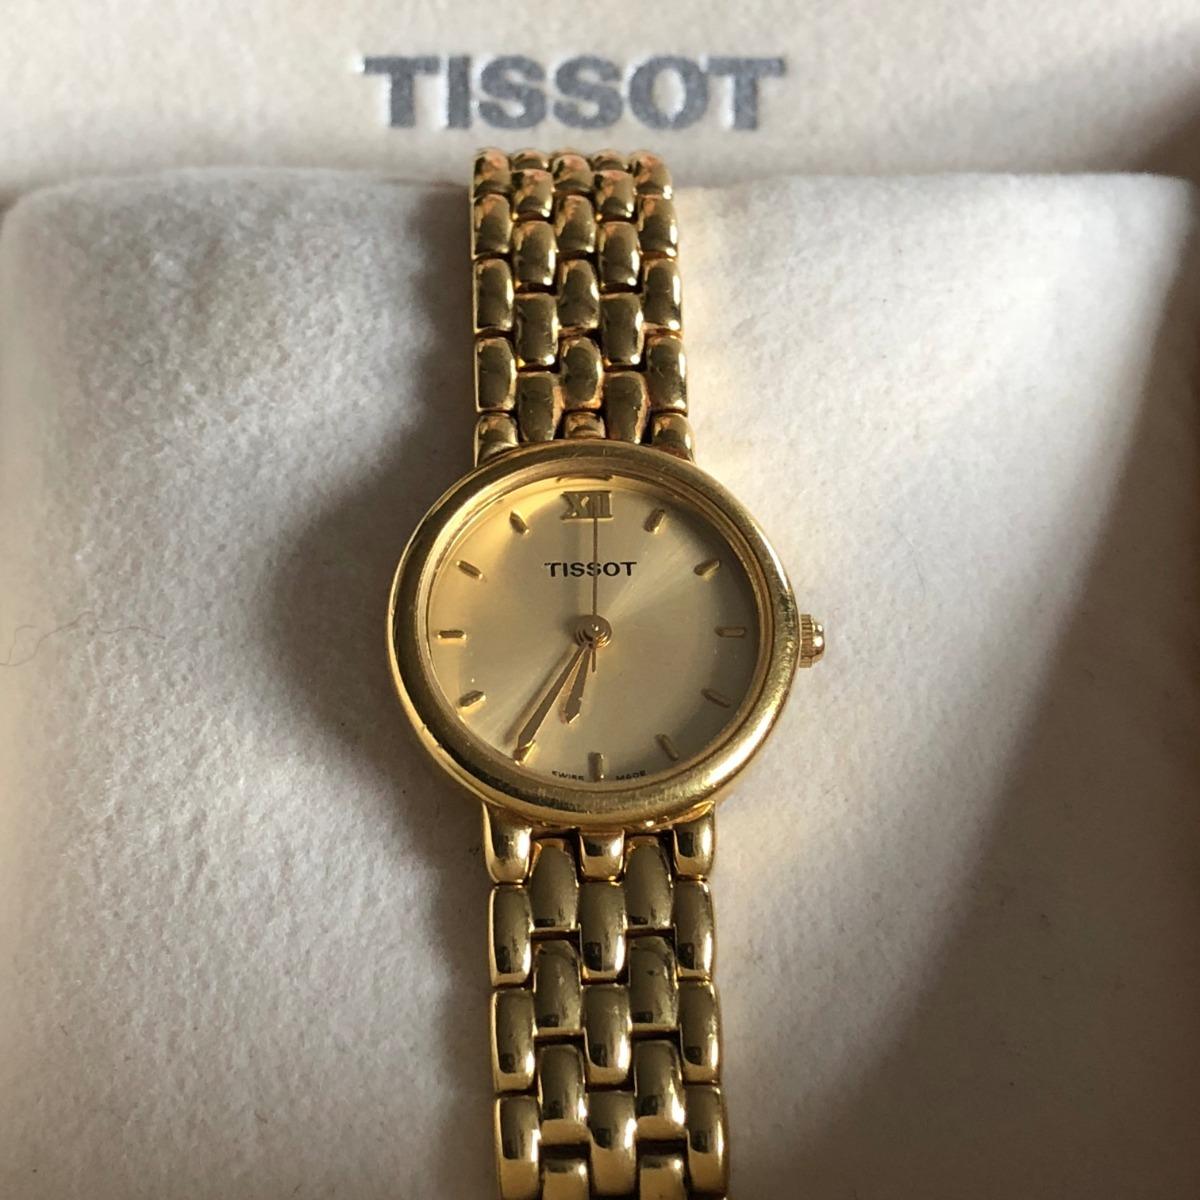 074a4524a2f relogio tissot feminino- classic dourado. Carregando zoom.